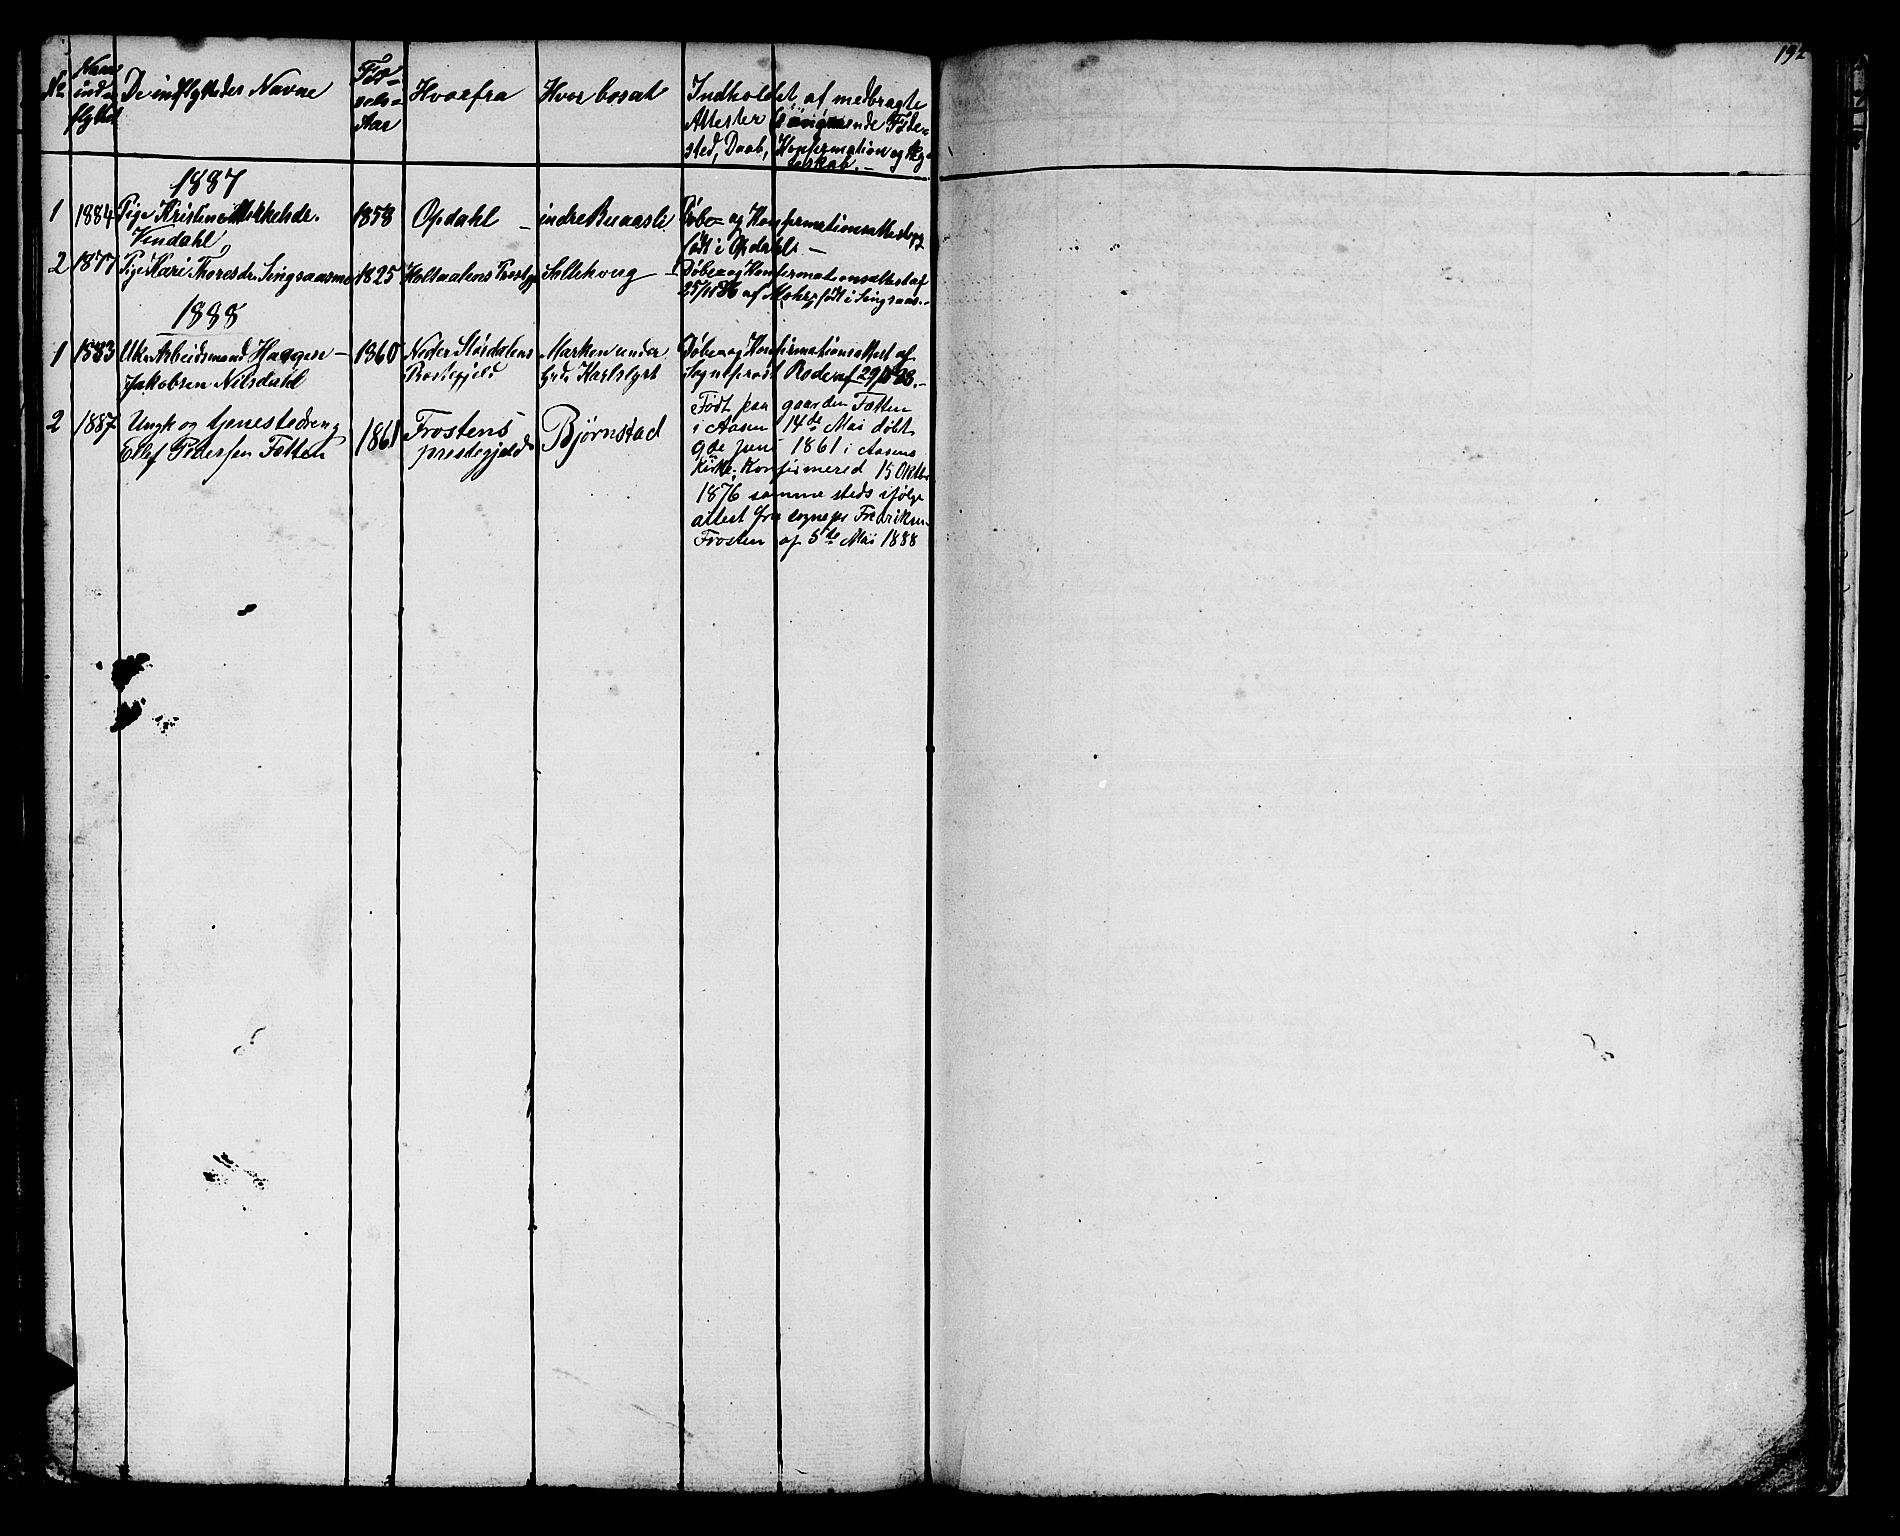 SAT, Ministerialprotokoller, klokkerbøker og fødselsregistre - Sør-Trøndelag, 616/L0422: Klokkerbok nr. 616C05, 1850-1888, s. 192